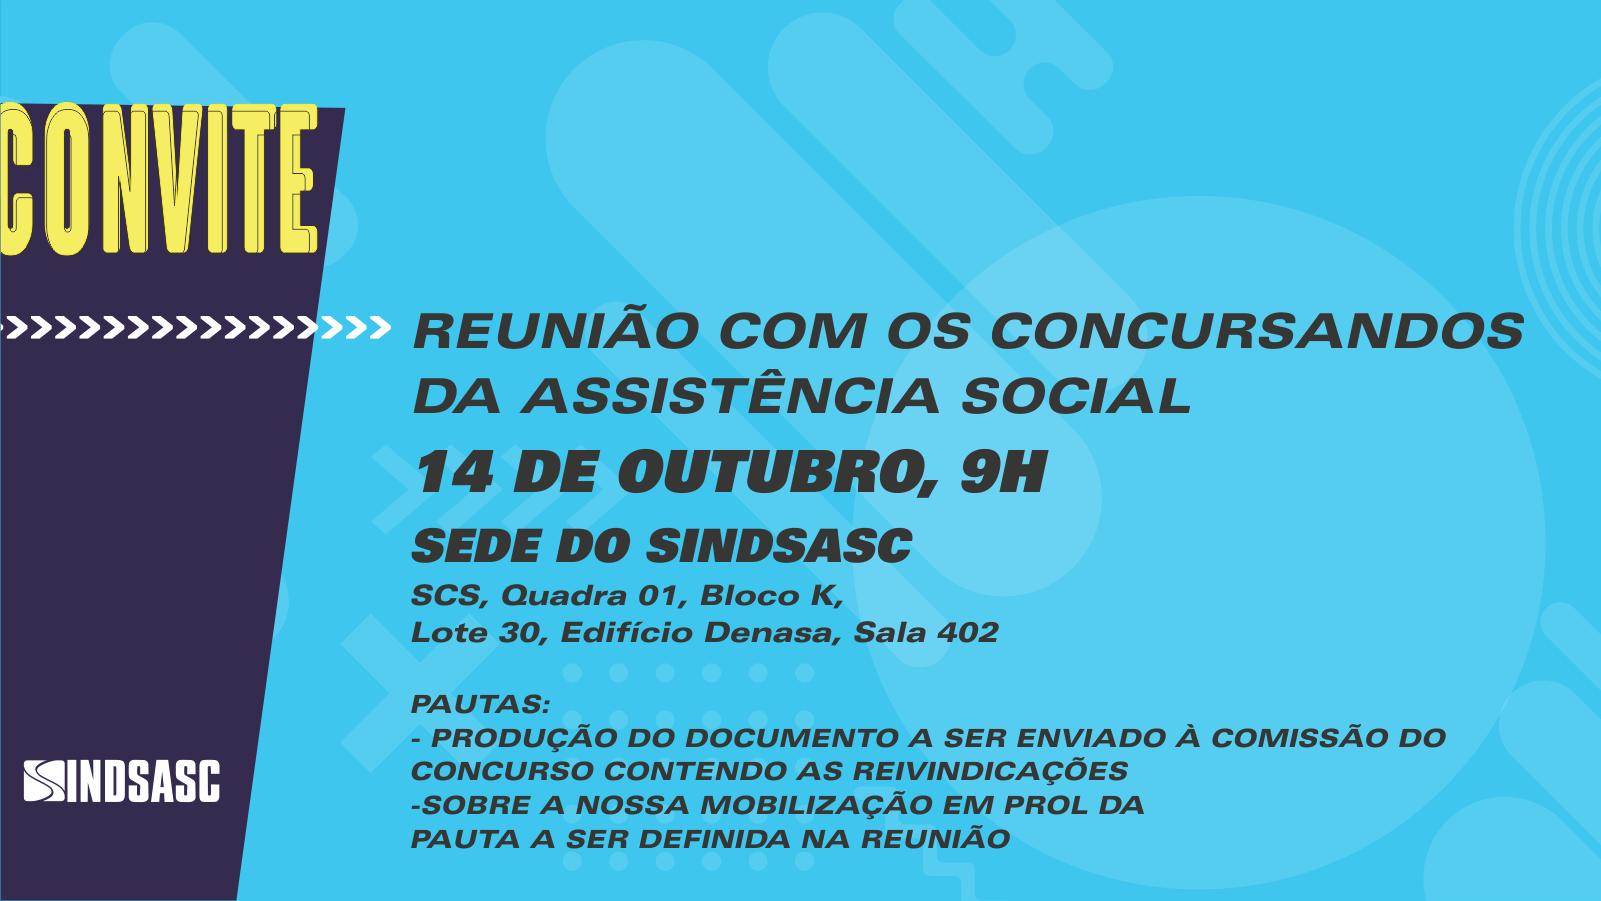 Sidsasc convida concursandos da assistência social para reunião